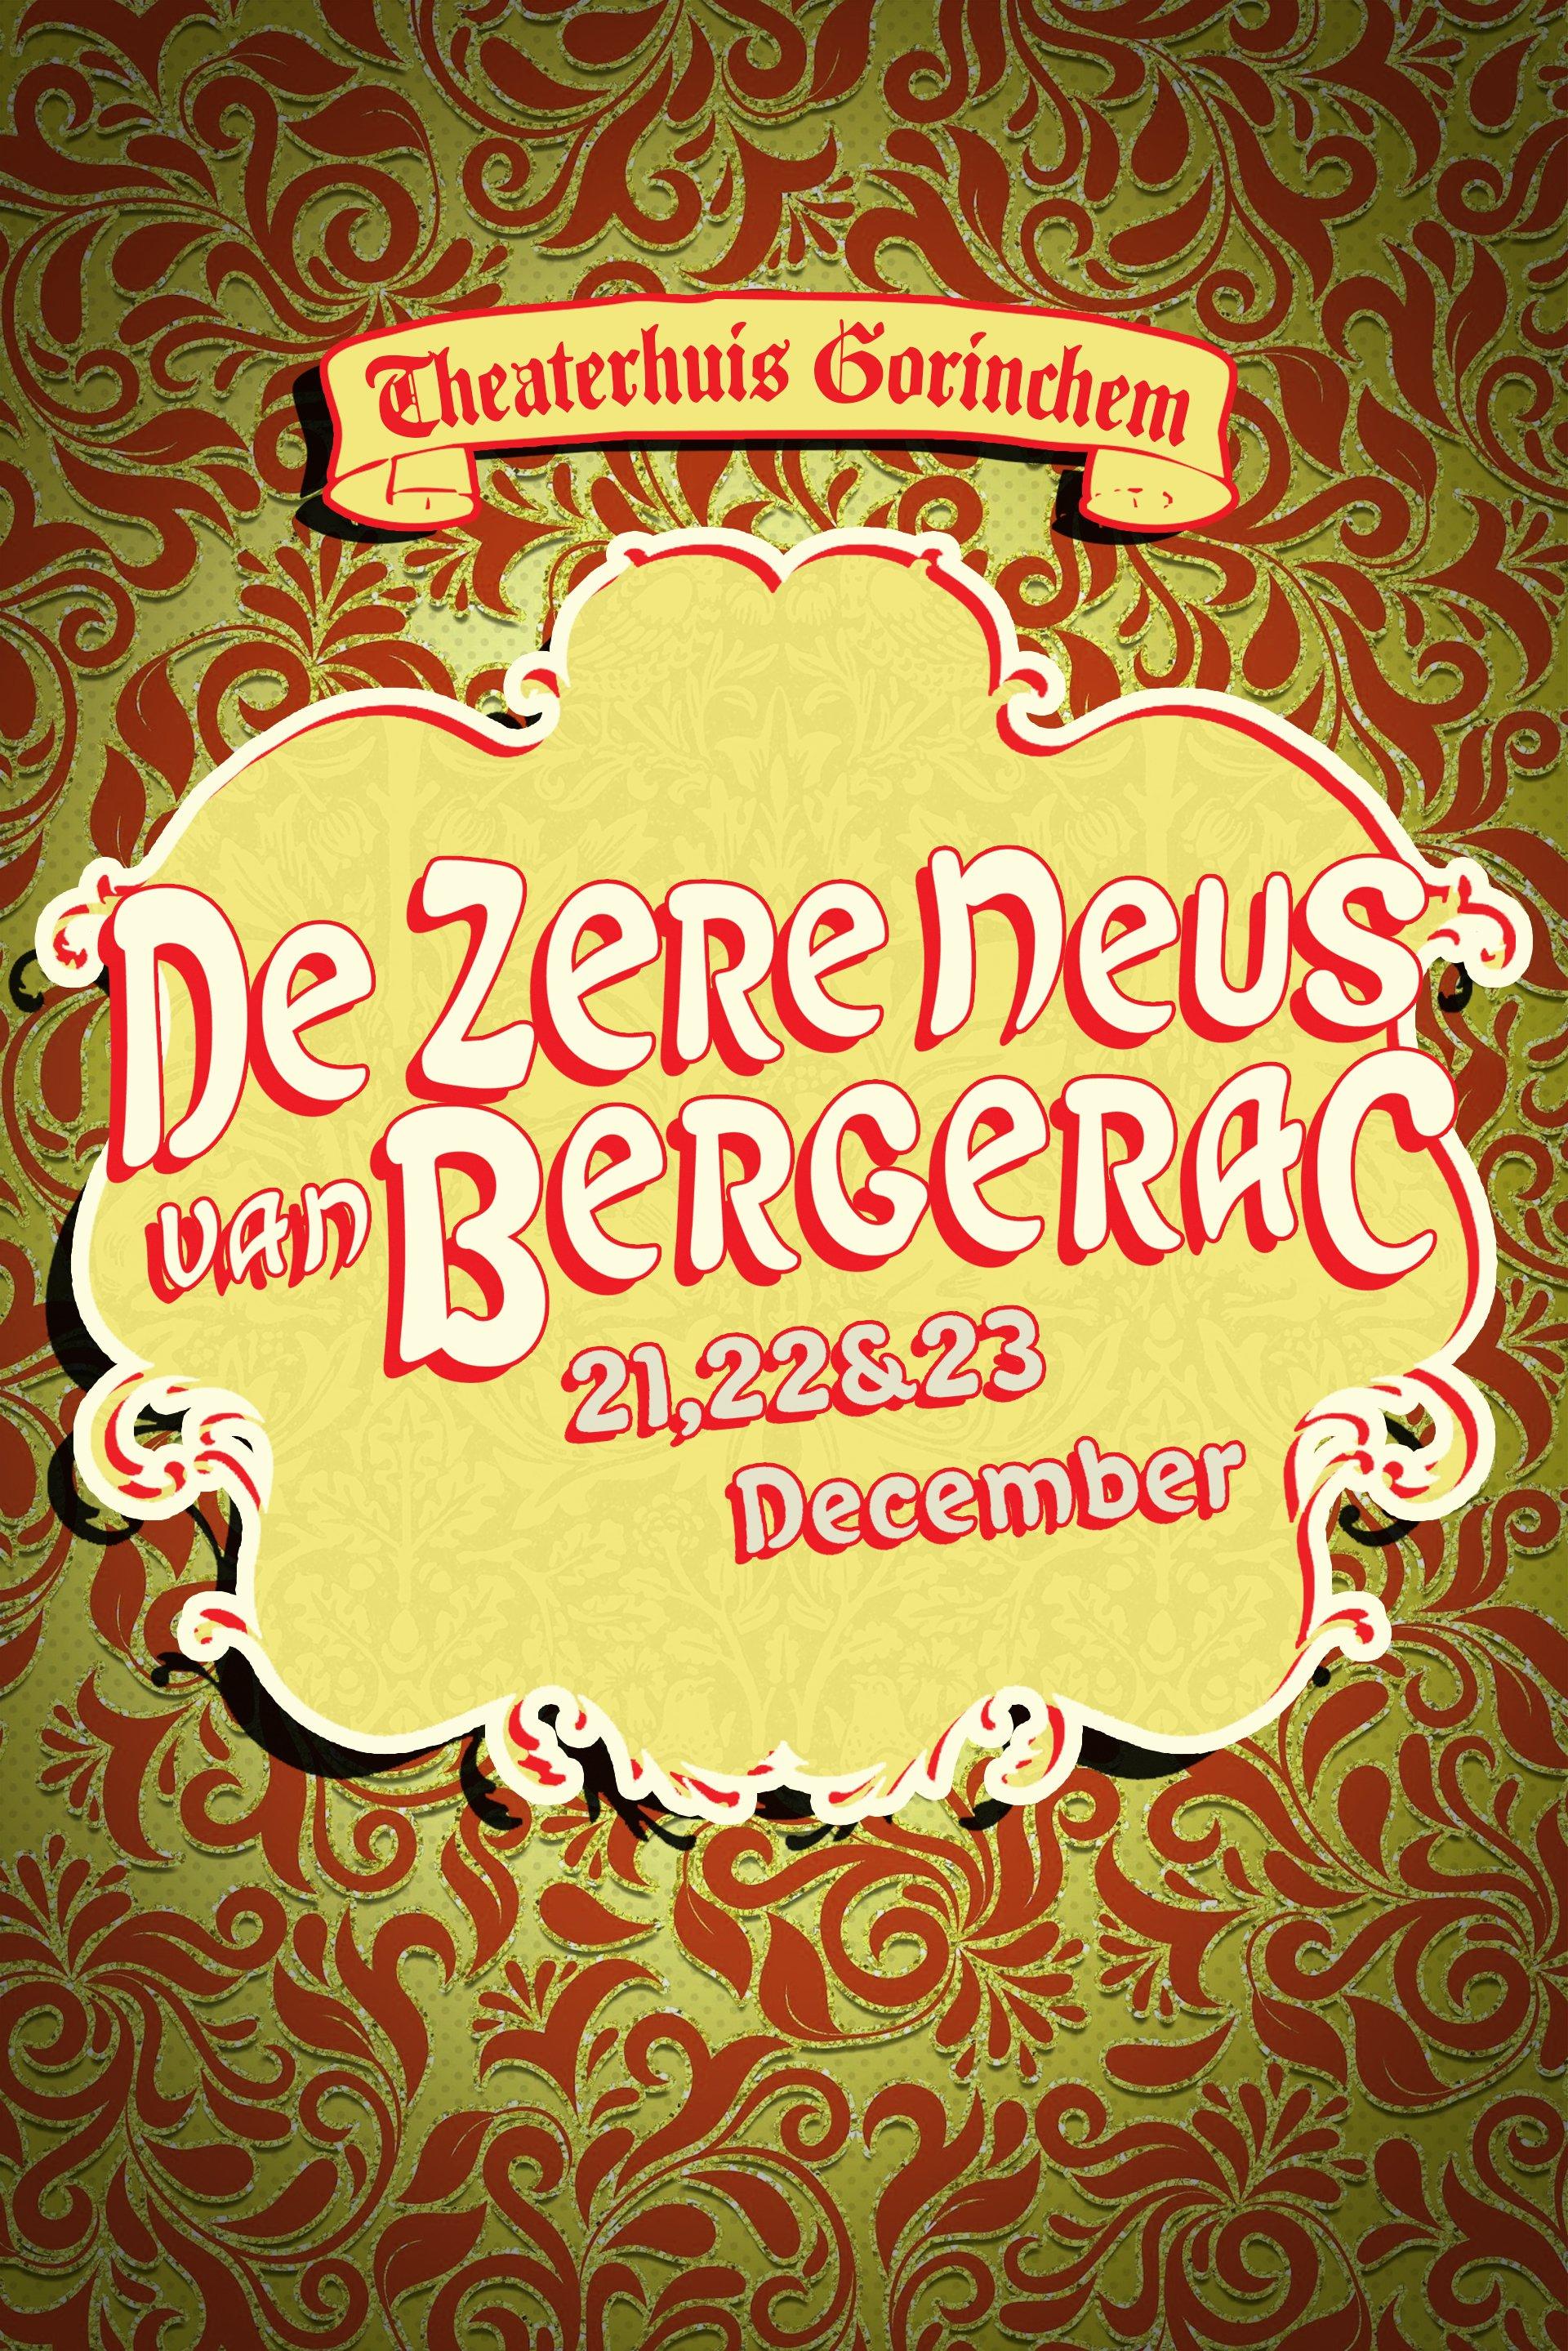 Theaterhuis Gorinchem - De Zere Neus van Bergerac